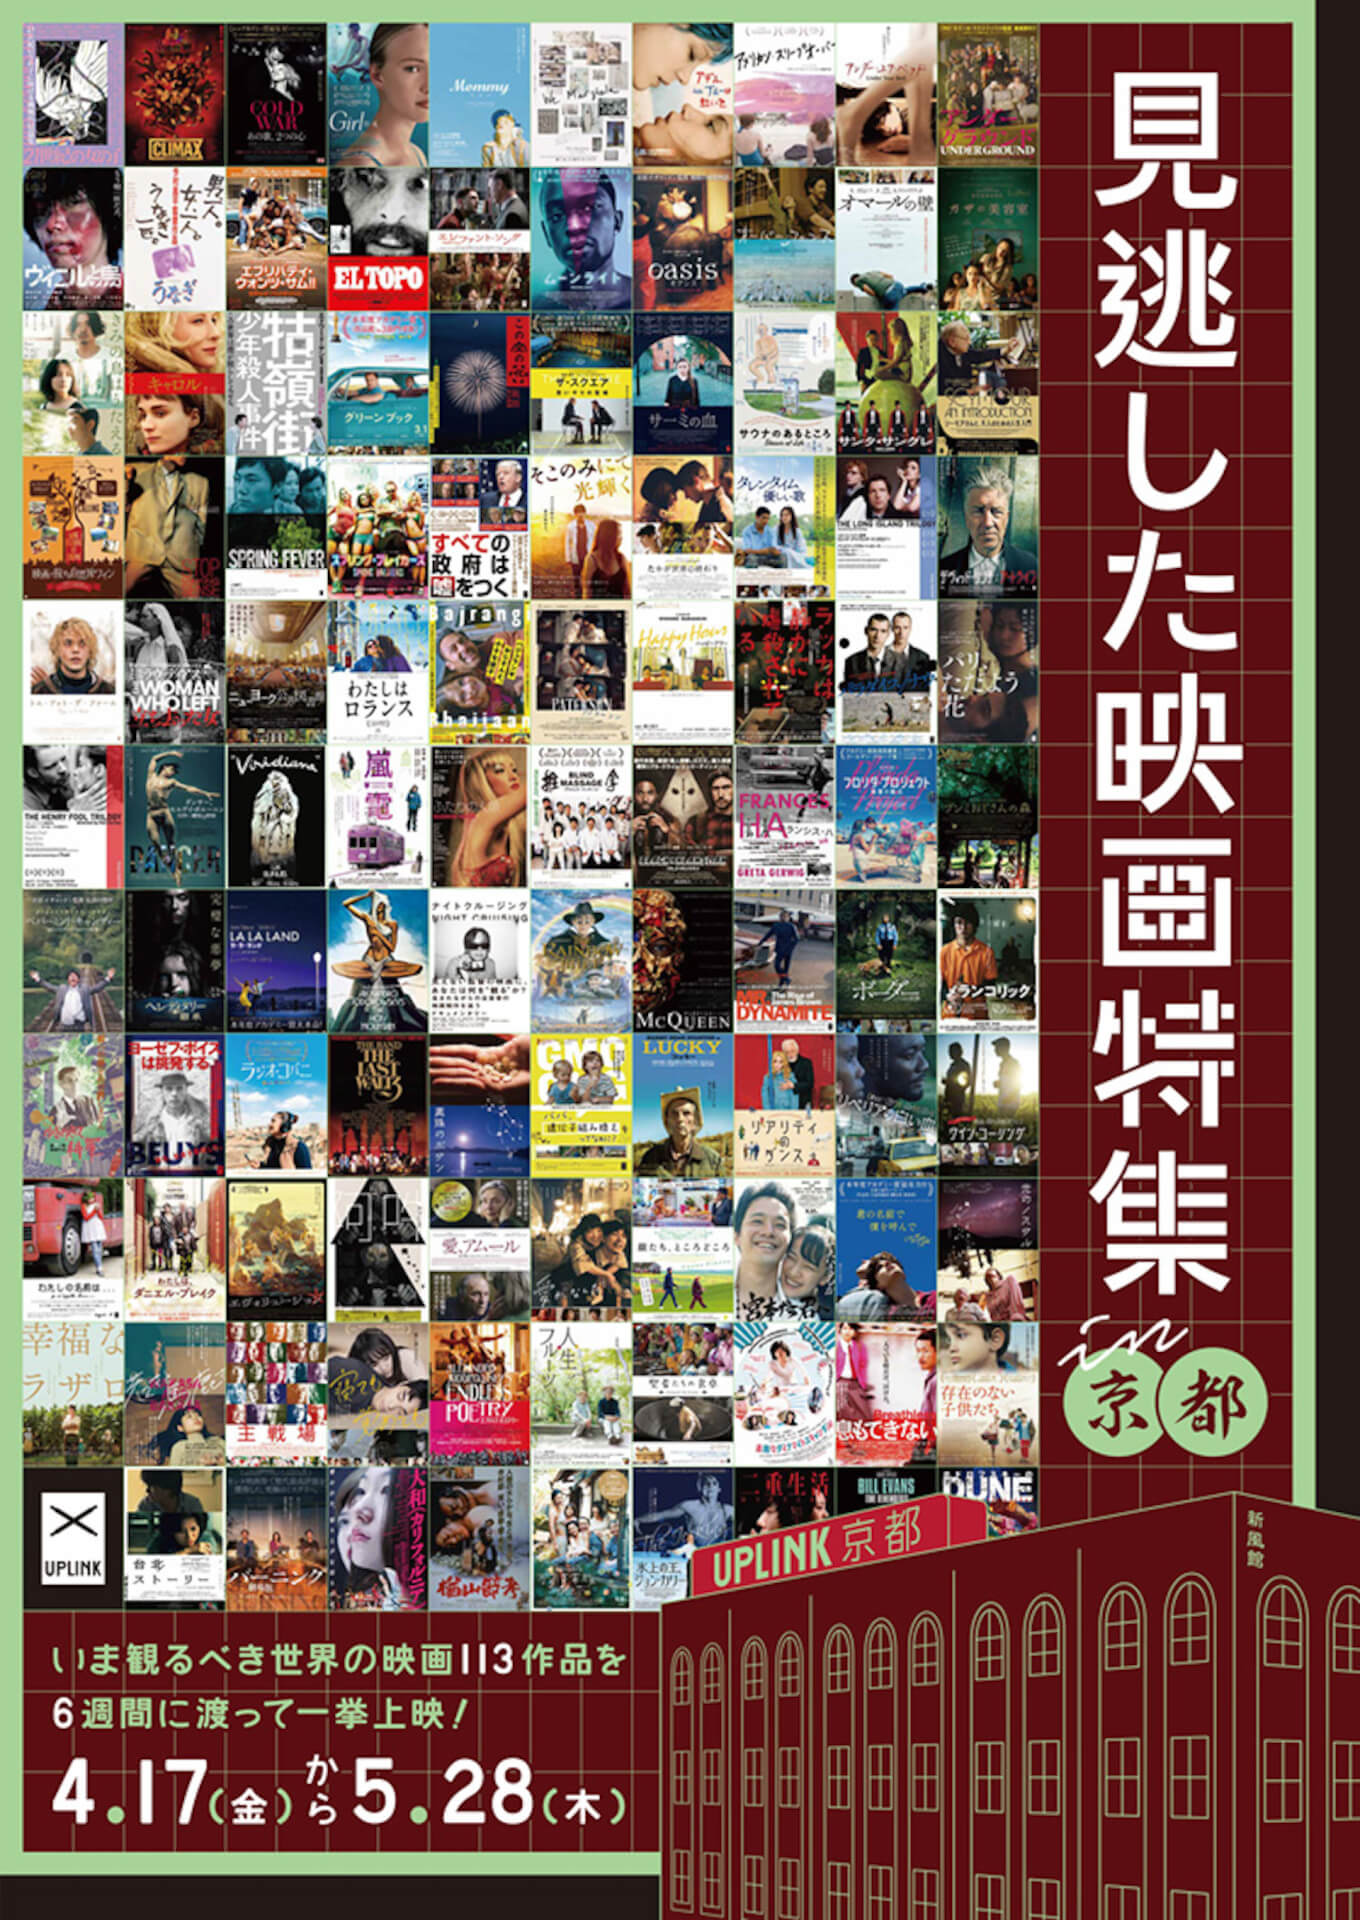 アップリンク京都のオープニング企画決定!113本以上を一挙上映する「見逃した映画特集」やアニエスベー写真展が開催 film200402_uplinkkyoto_04